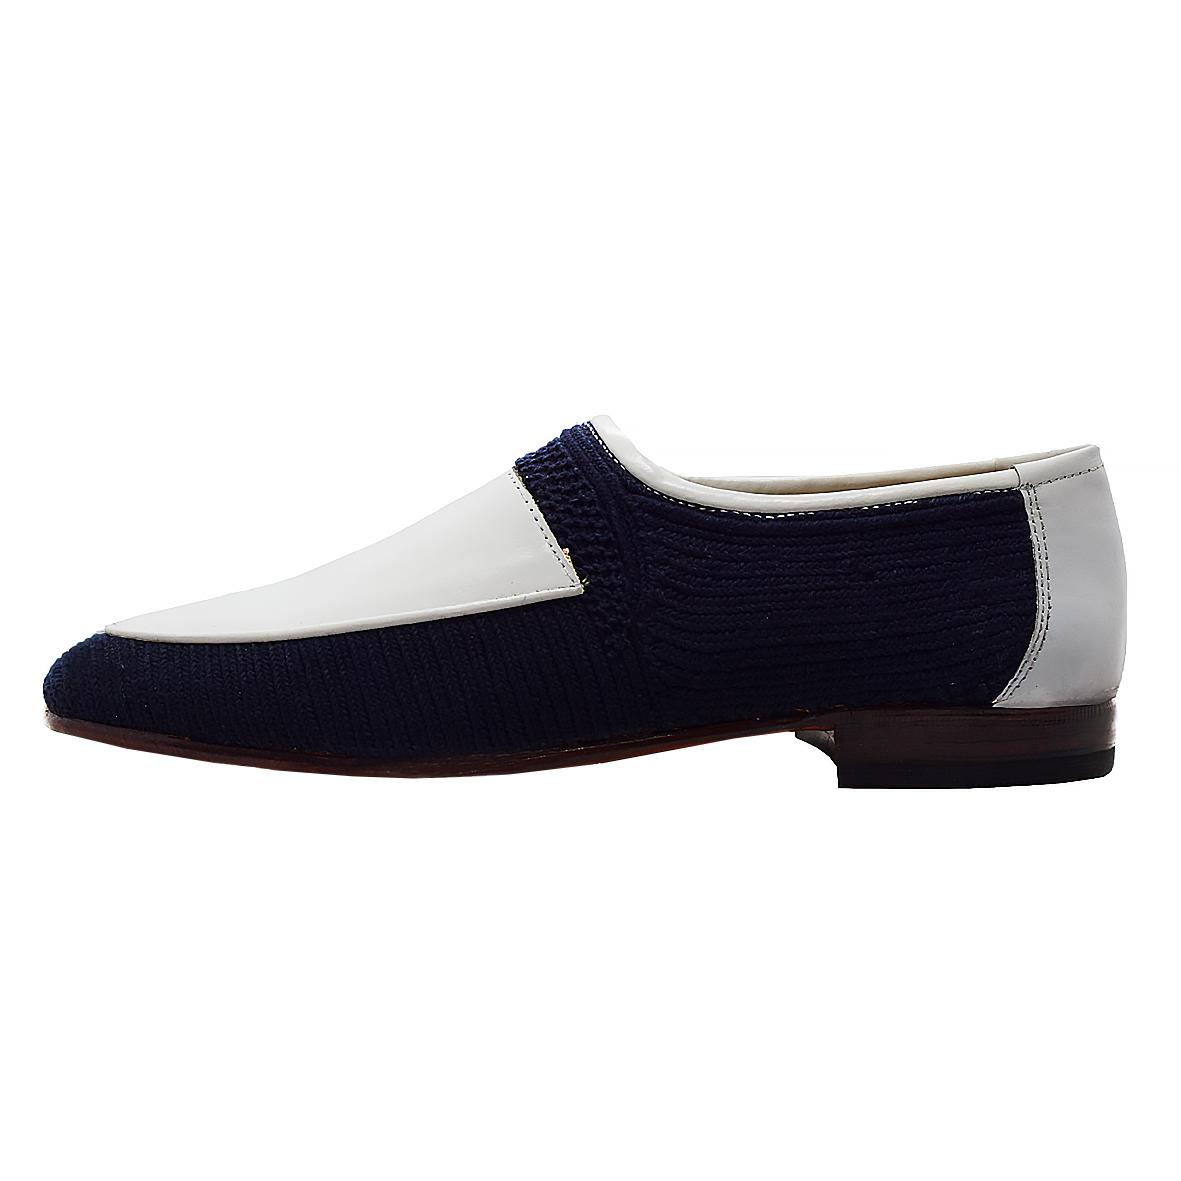 کفش زنانه دگرمان مدل آبان کد deg.1ab1014